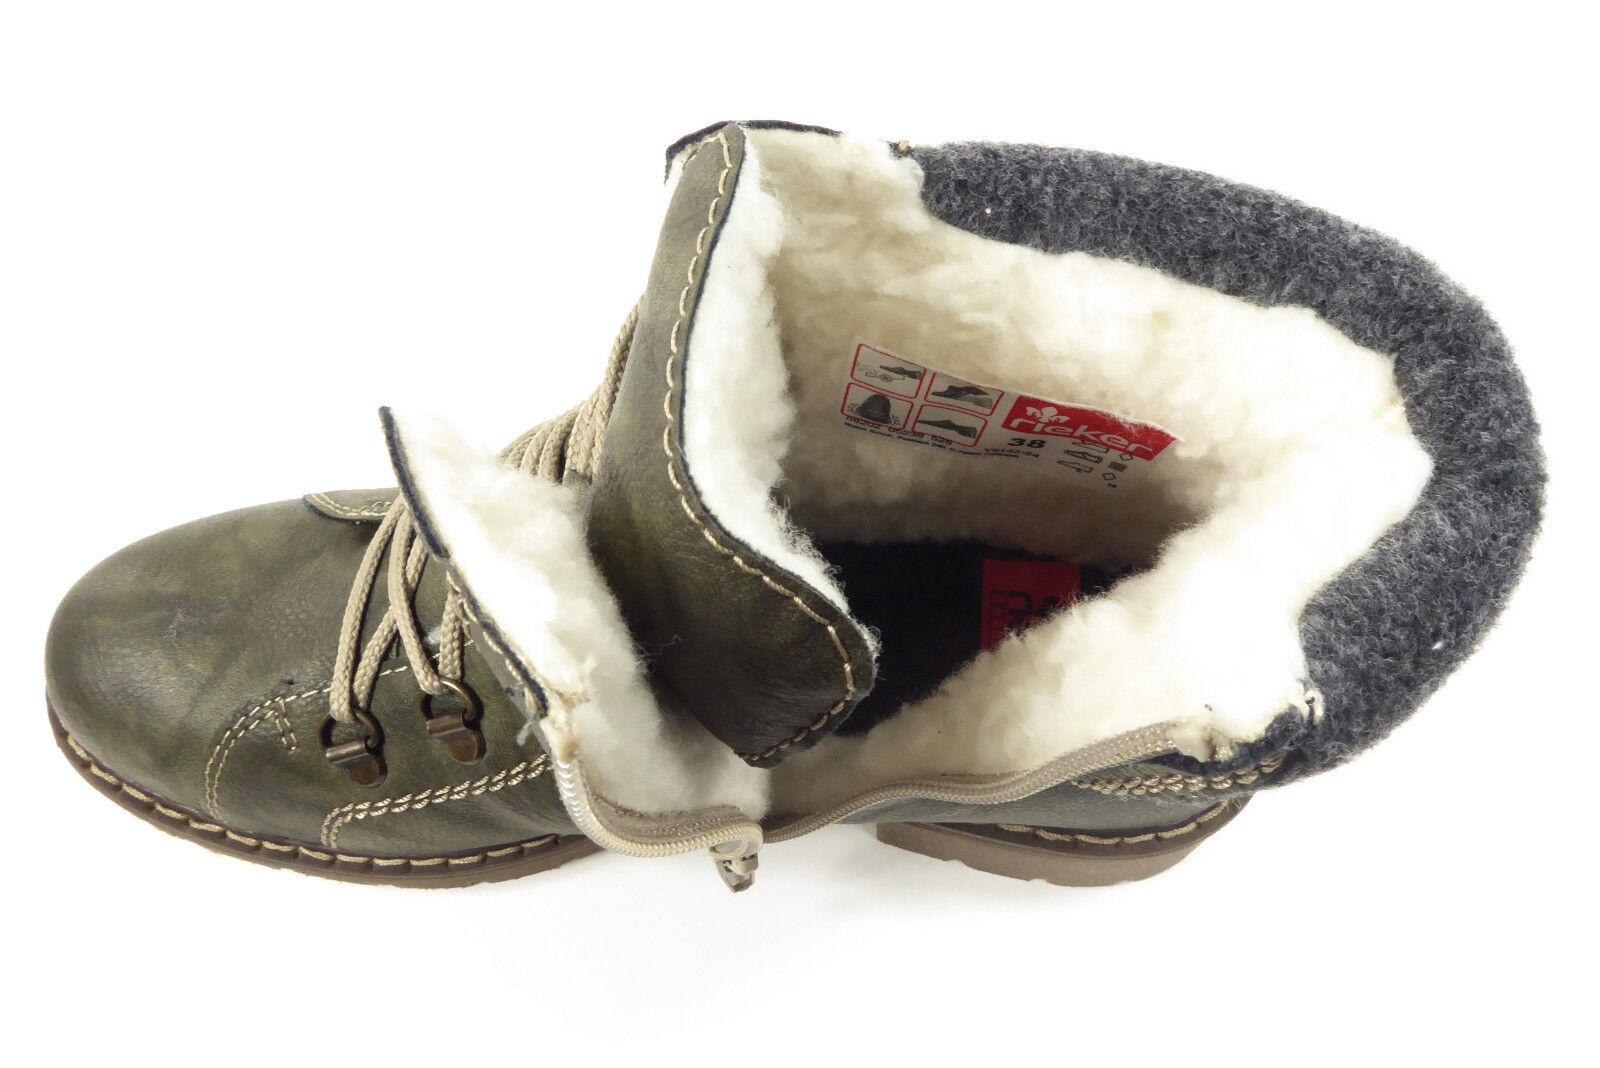 Rieker Rieker Rieker Damenschuhe Stiefel Grün WarmfutterTex-Membrane Reißverschluss Y9142-54  | Smart  ed1d1c